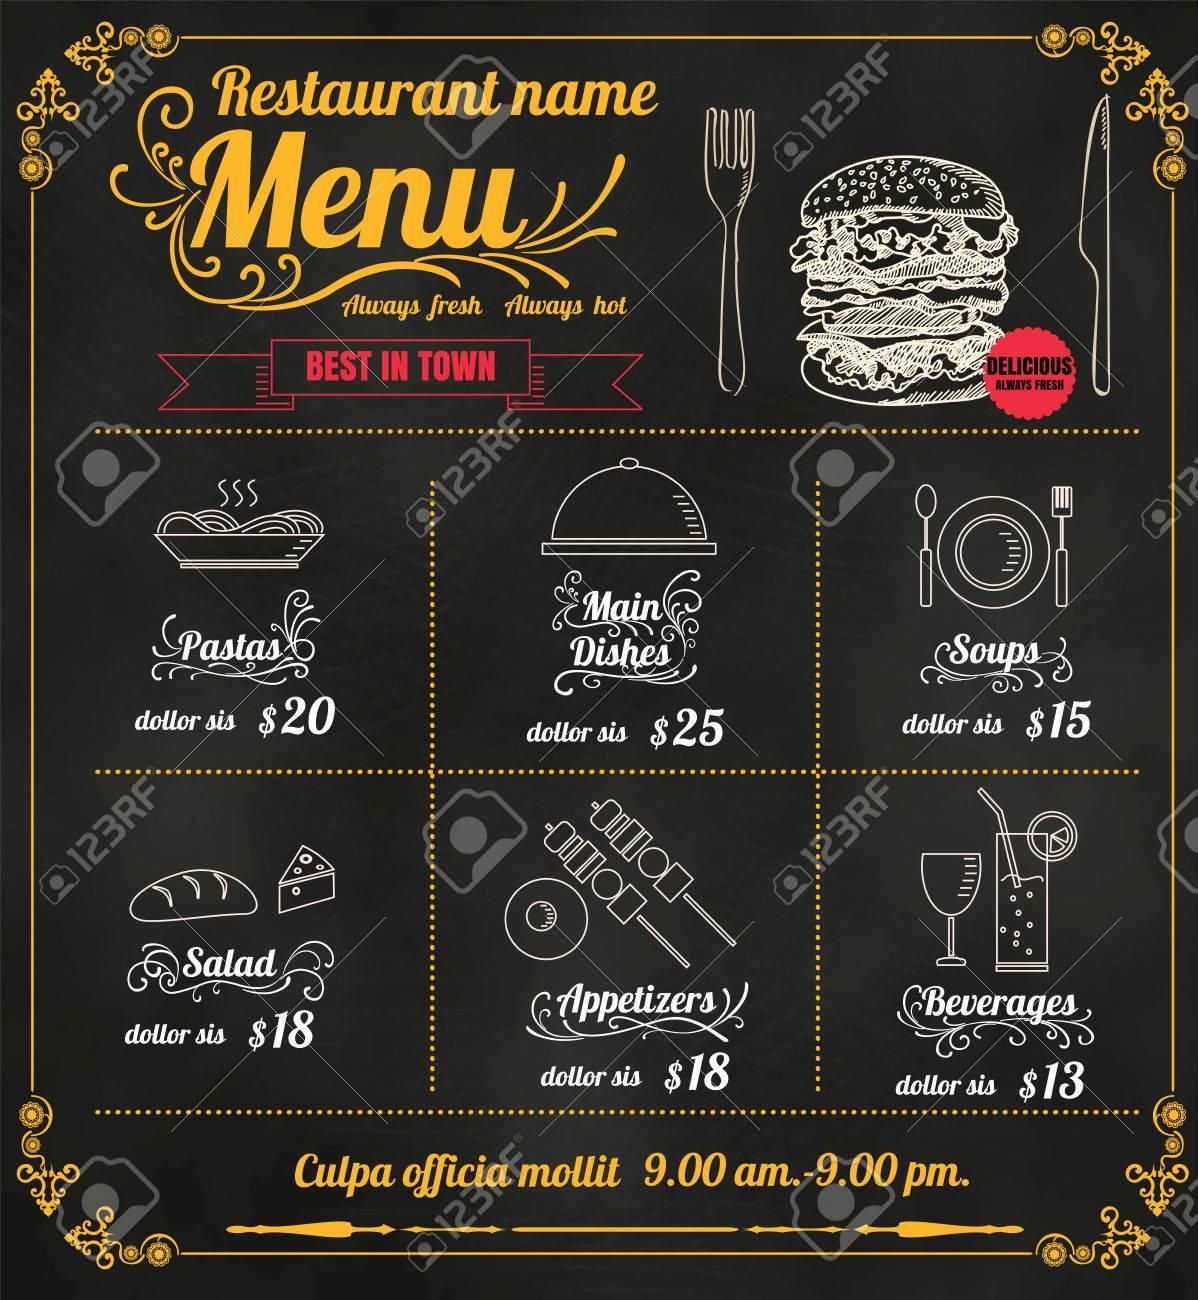 restaurant food menu design with chalkboard background format